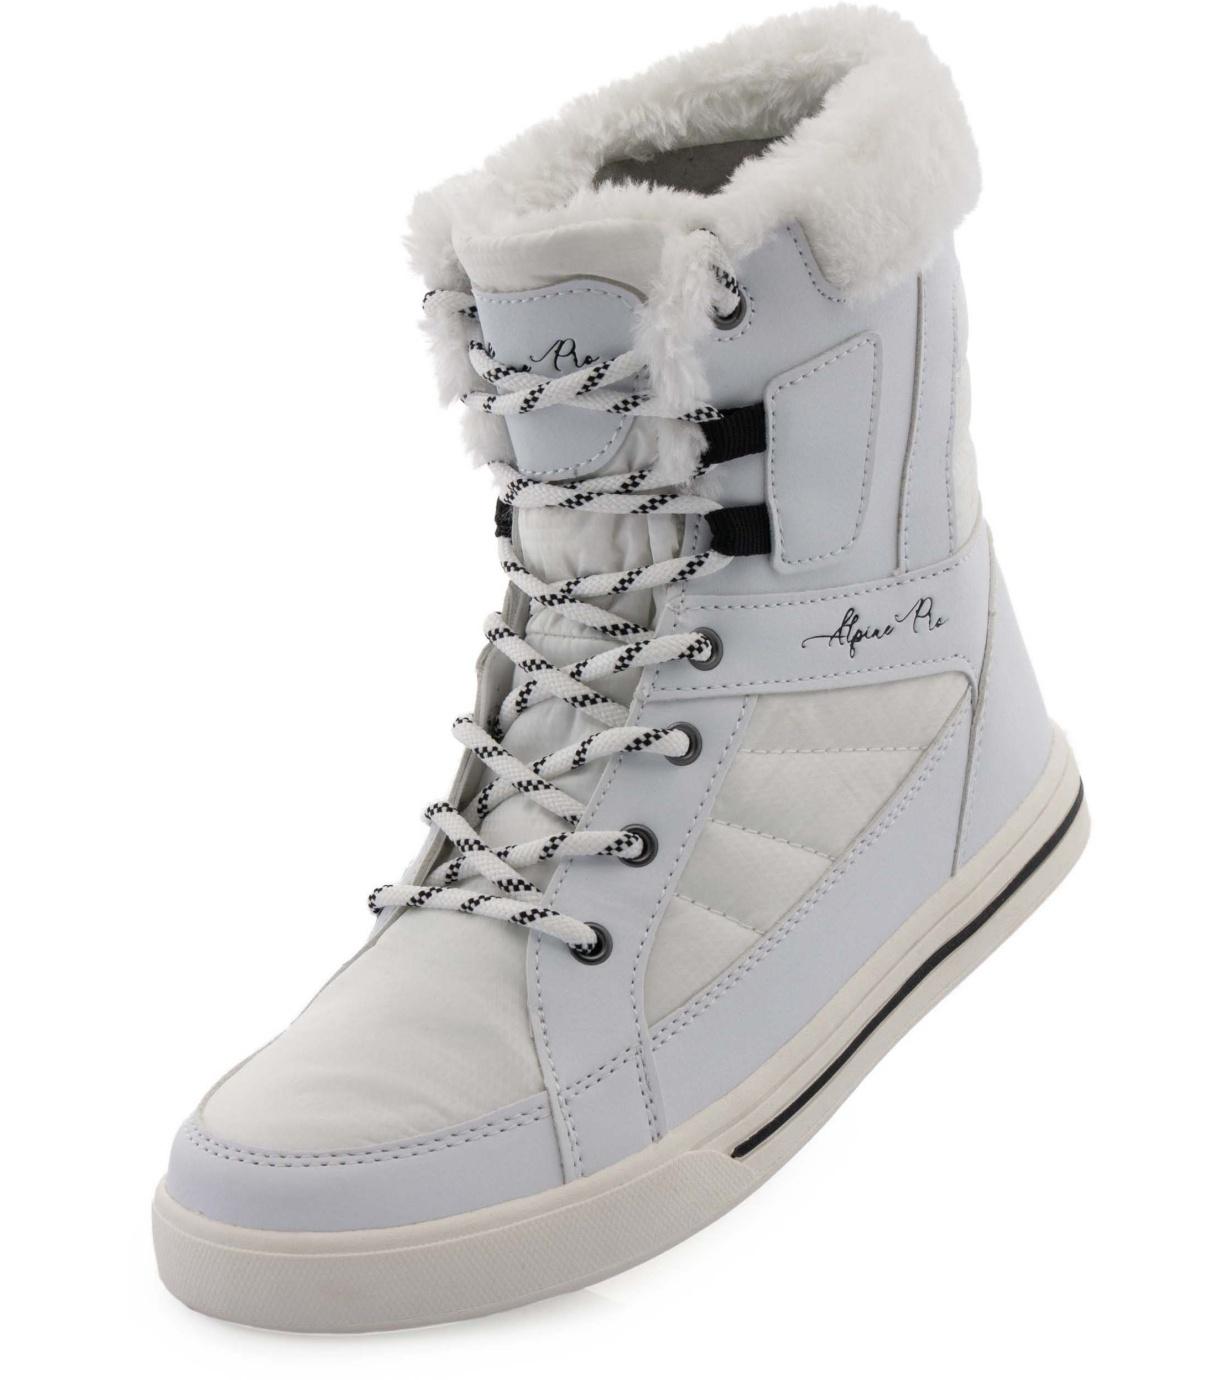 ALPINE PRO KOLINA Dámská zimní obuv LBTS286000G bílá 38